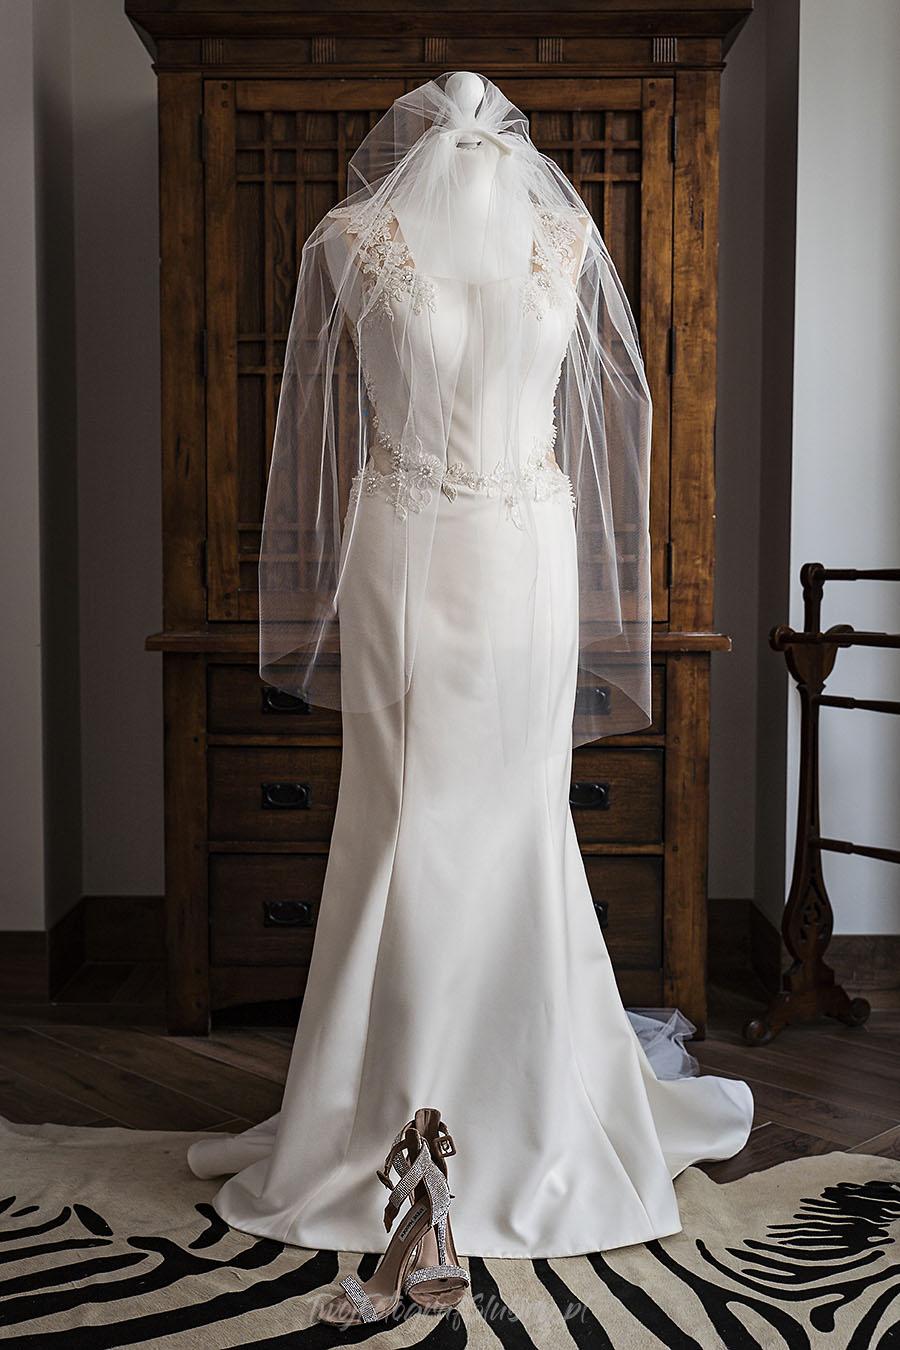 wesele w palacu smoszewo WF 0223